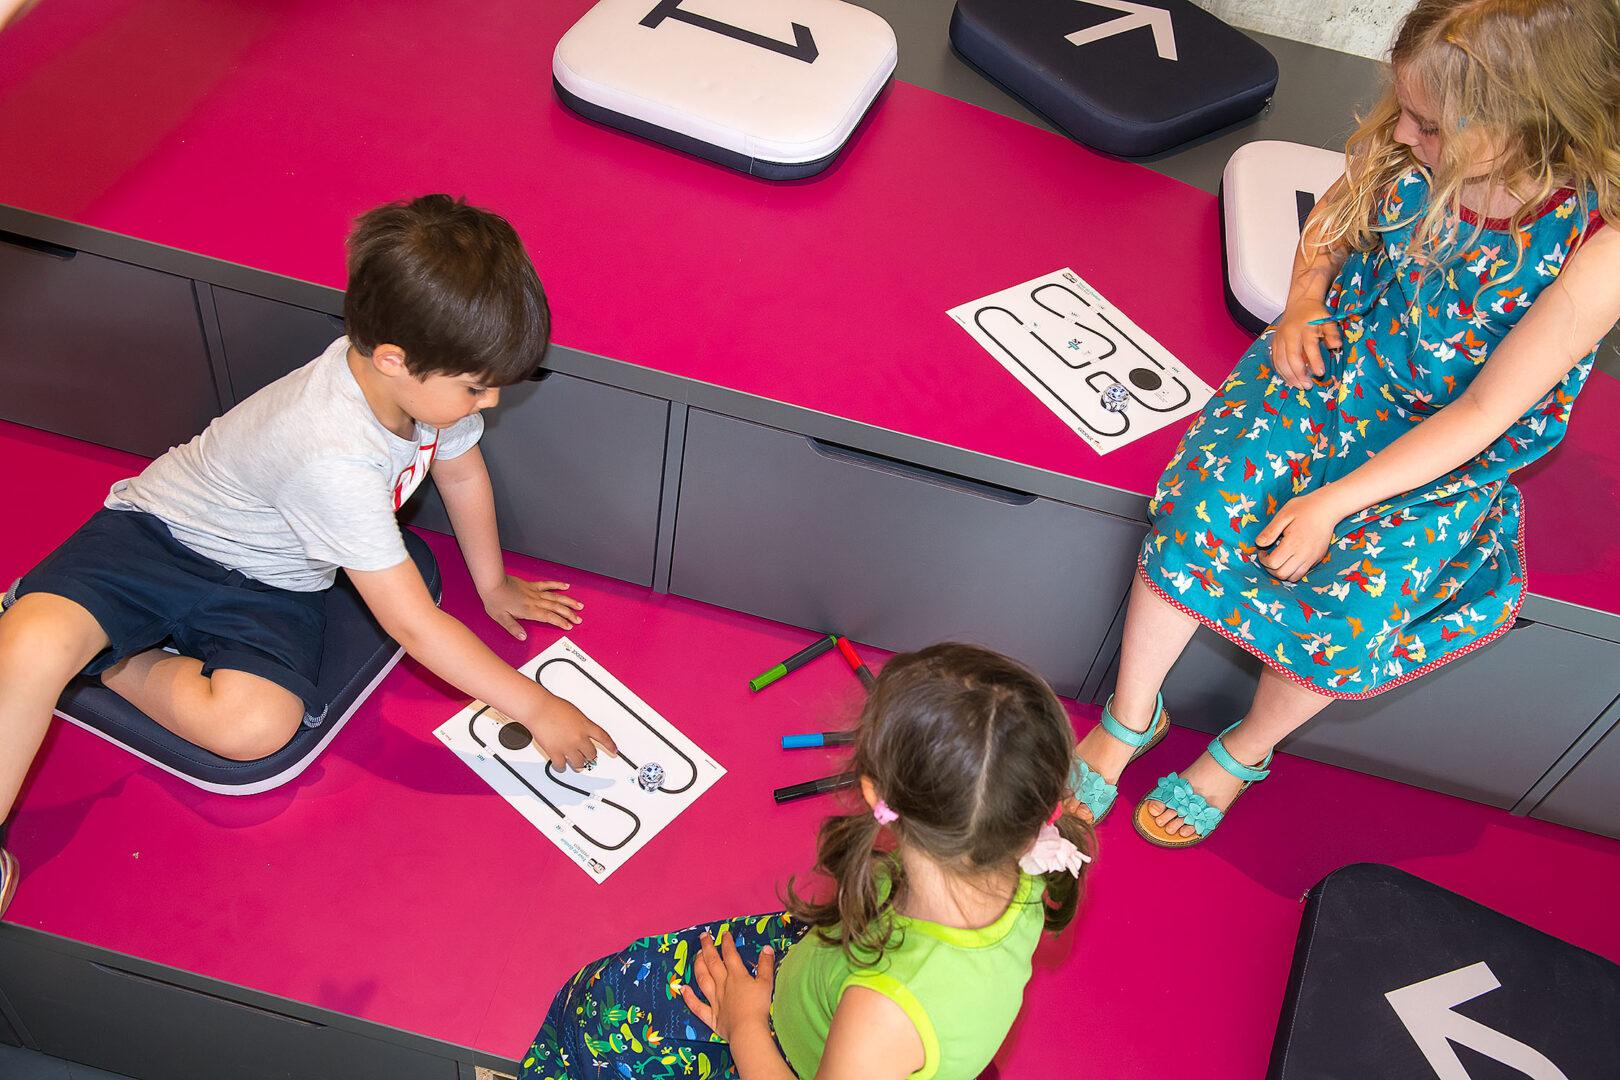 Ein kleiner Junge zeigt auf gemalte Linien, auf denen ein Robotik-Spielzeug entlangfährt, zwei Mädchen schauen zu.